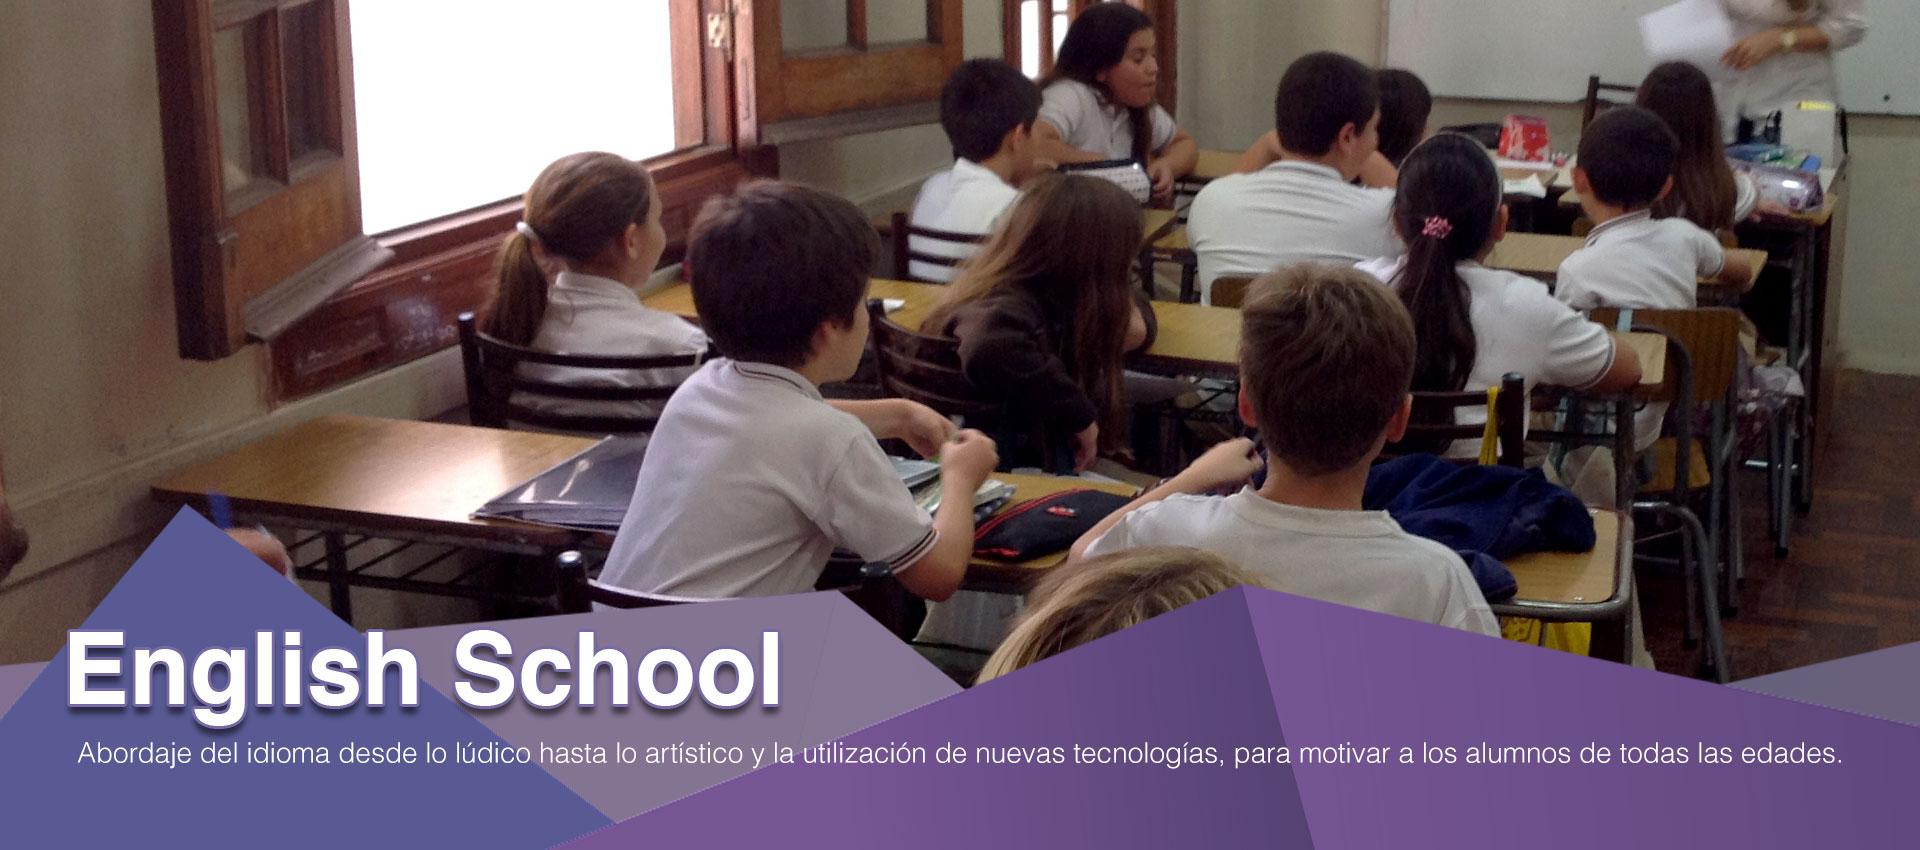 English School.  COMPLEJO EDUCATIVO BRIGADIER LOPEZ